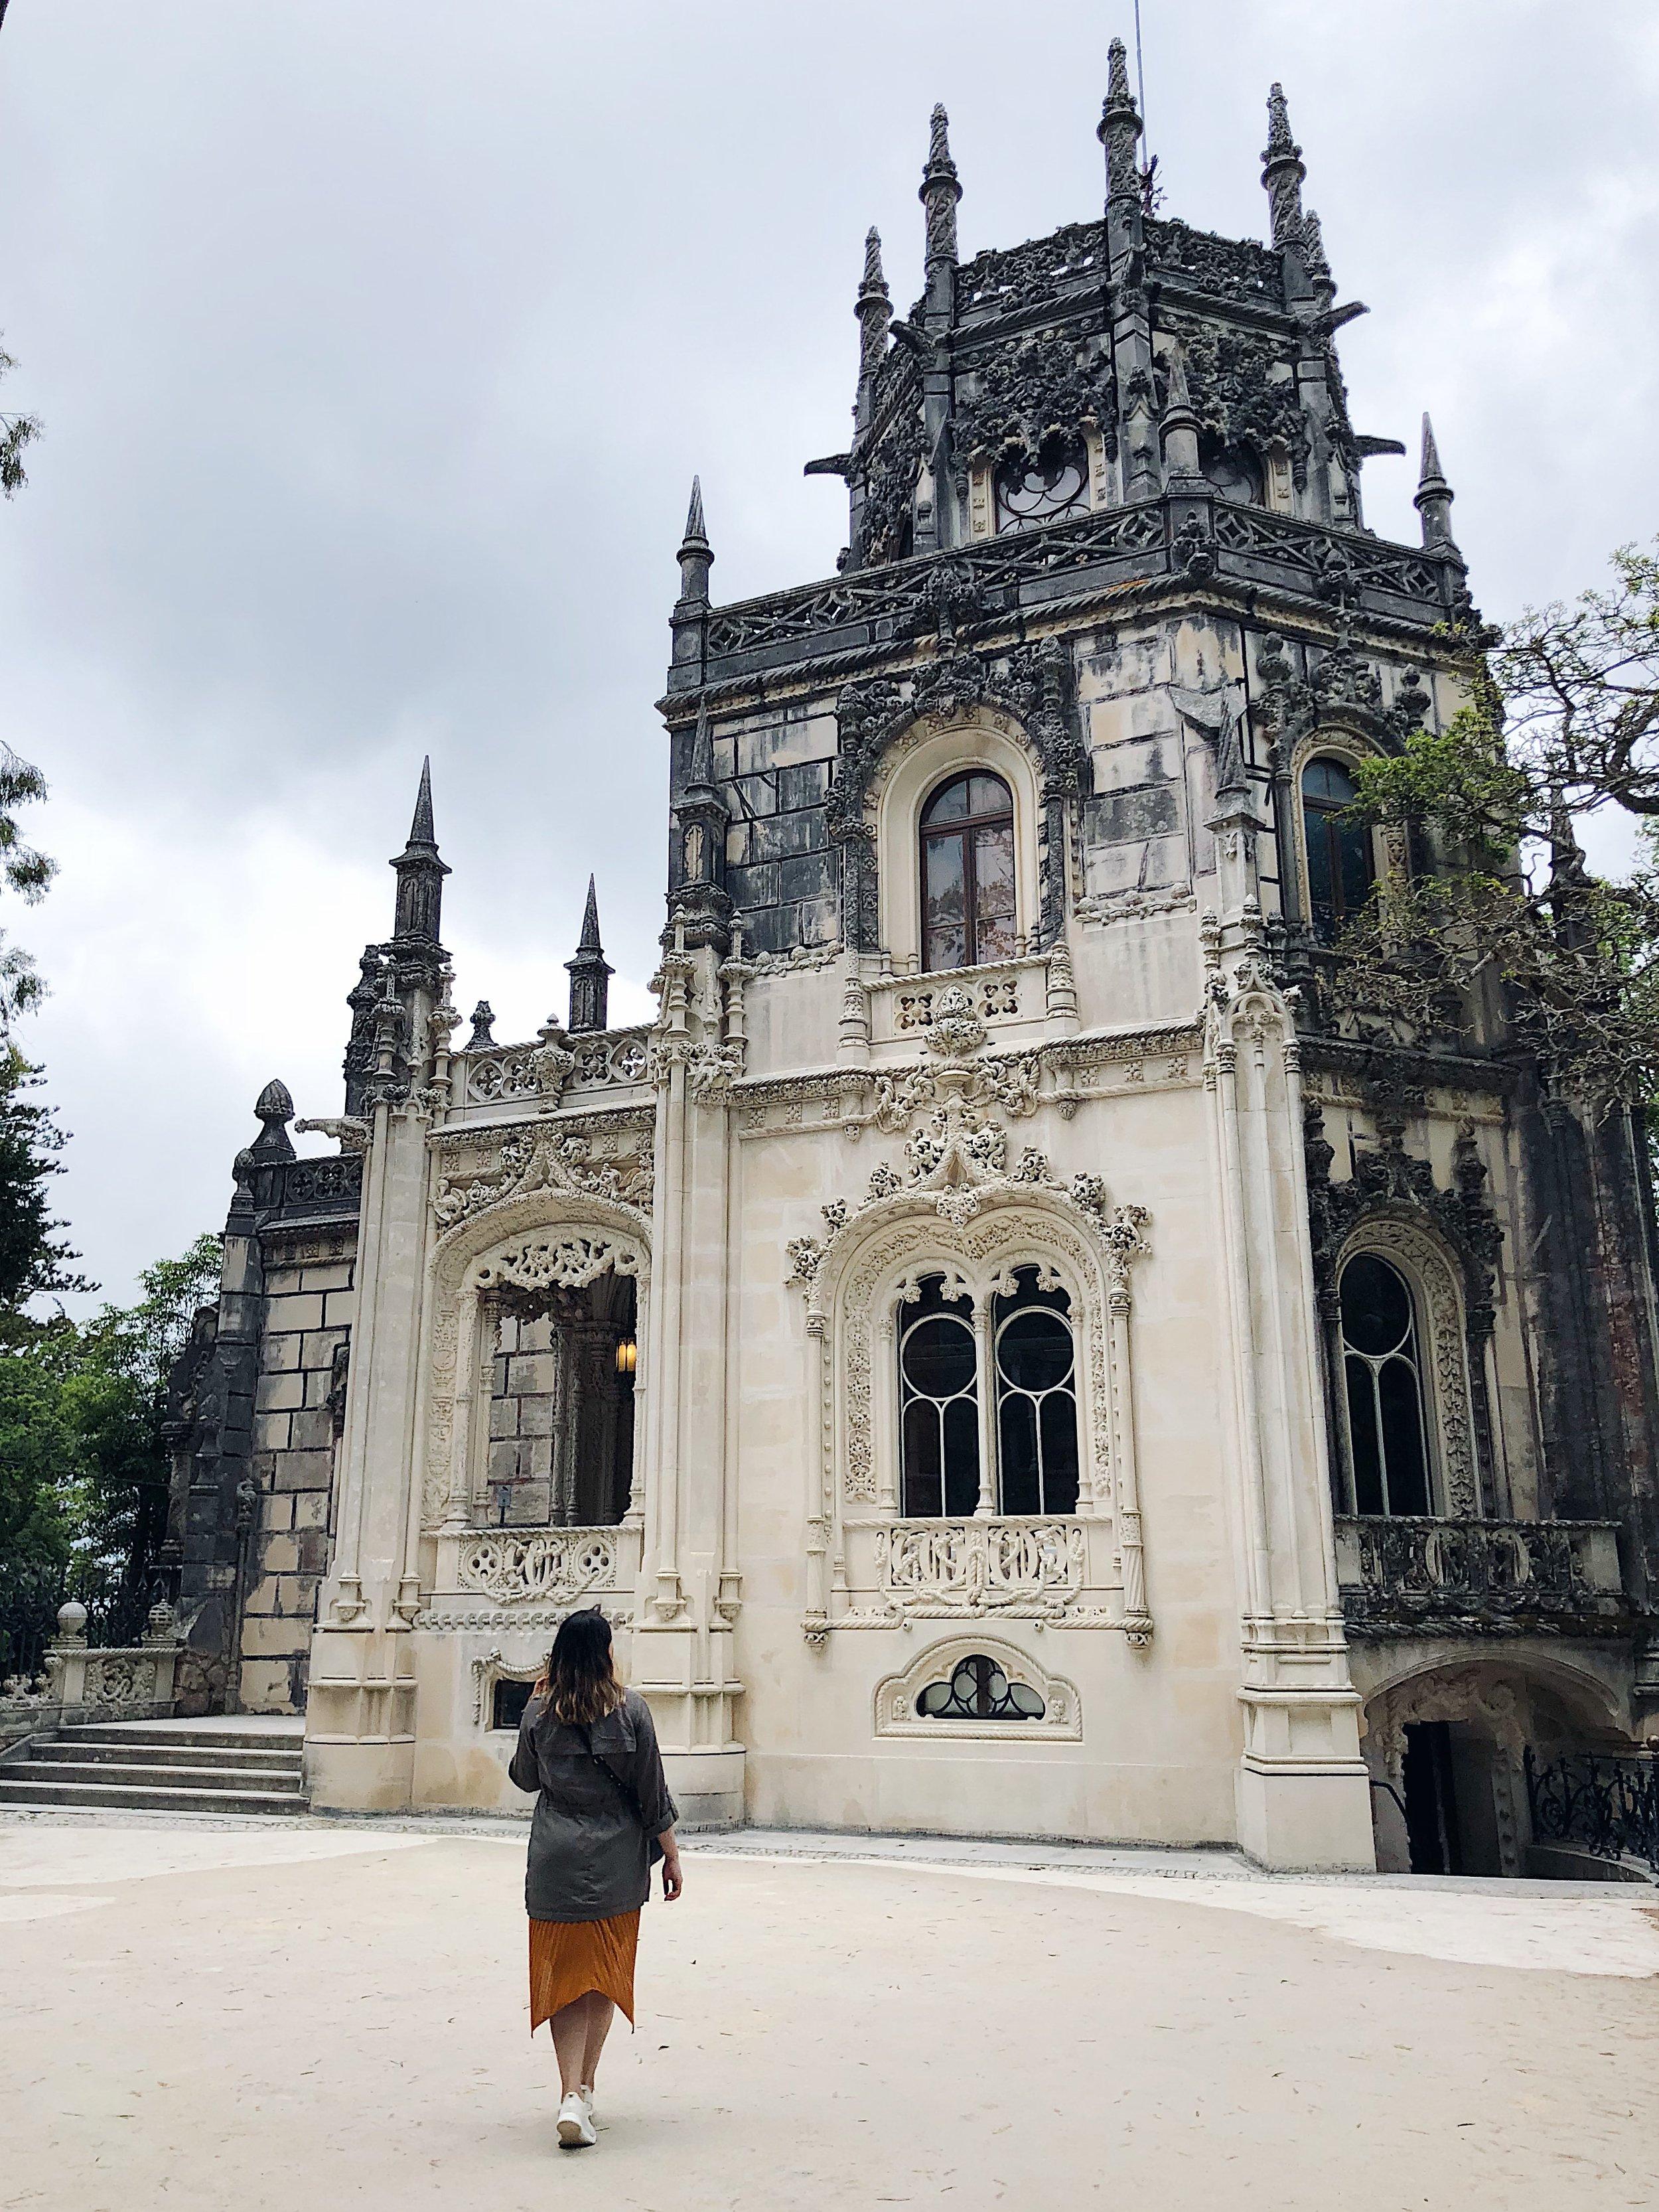 Quinta de Regaleira, Sintra